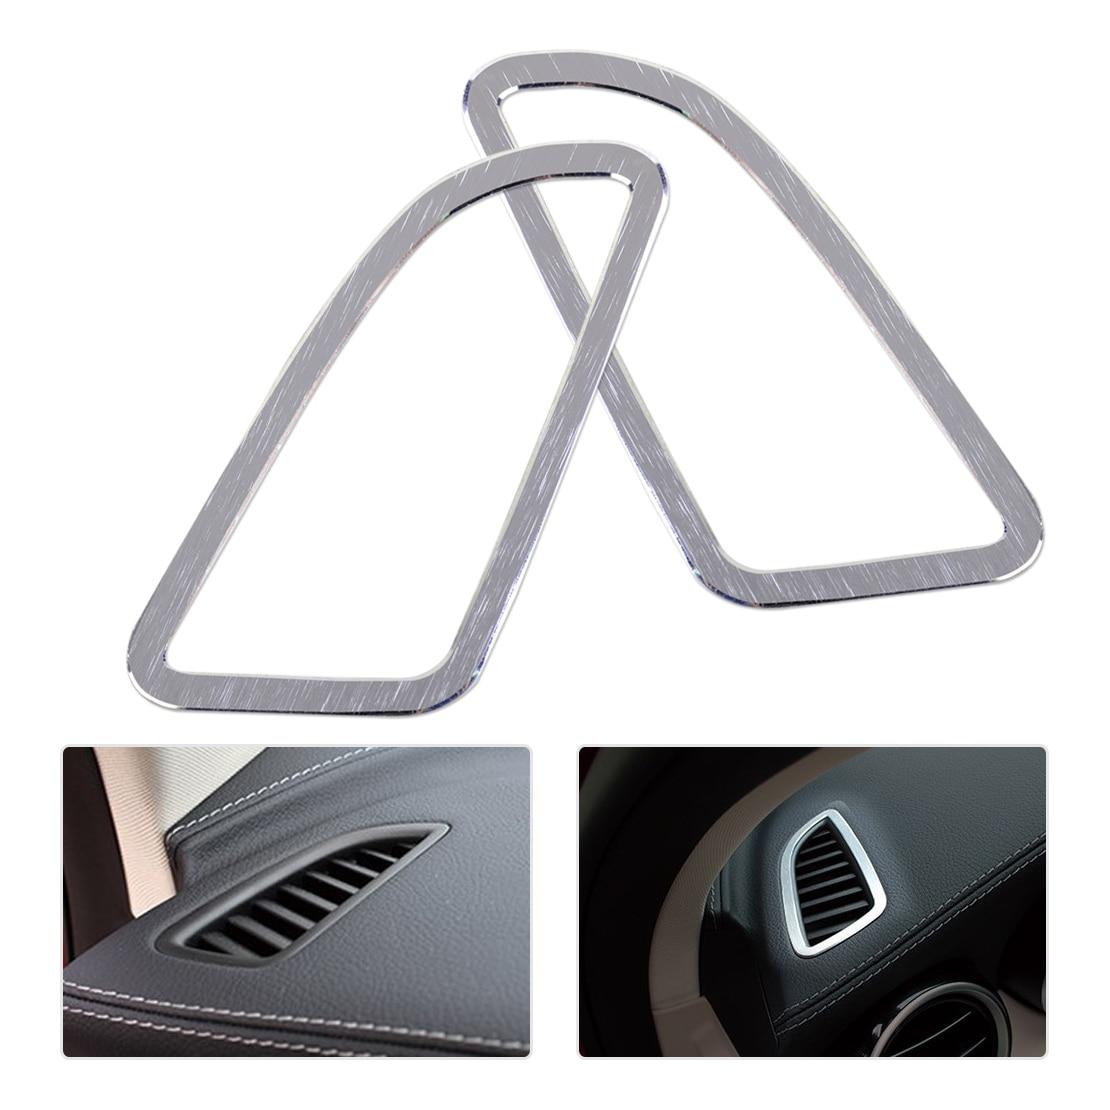 Beler Tableau de Bord Air Condition Vent Couvercle De Sortie Garniture Cadre pour Mercedes Benz Classe C W205 C180 C200 C250 C300 C400 C63 2014-2015